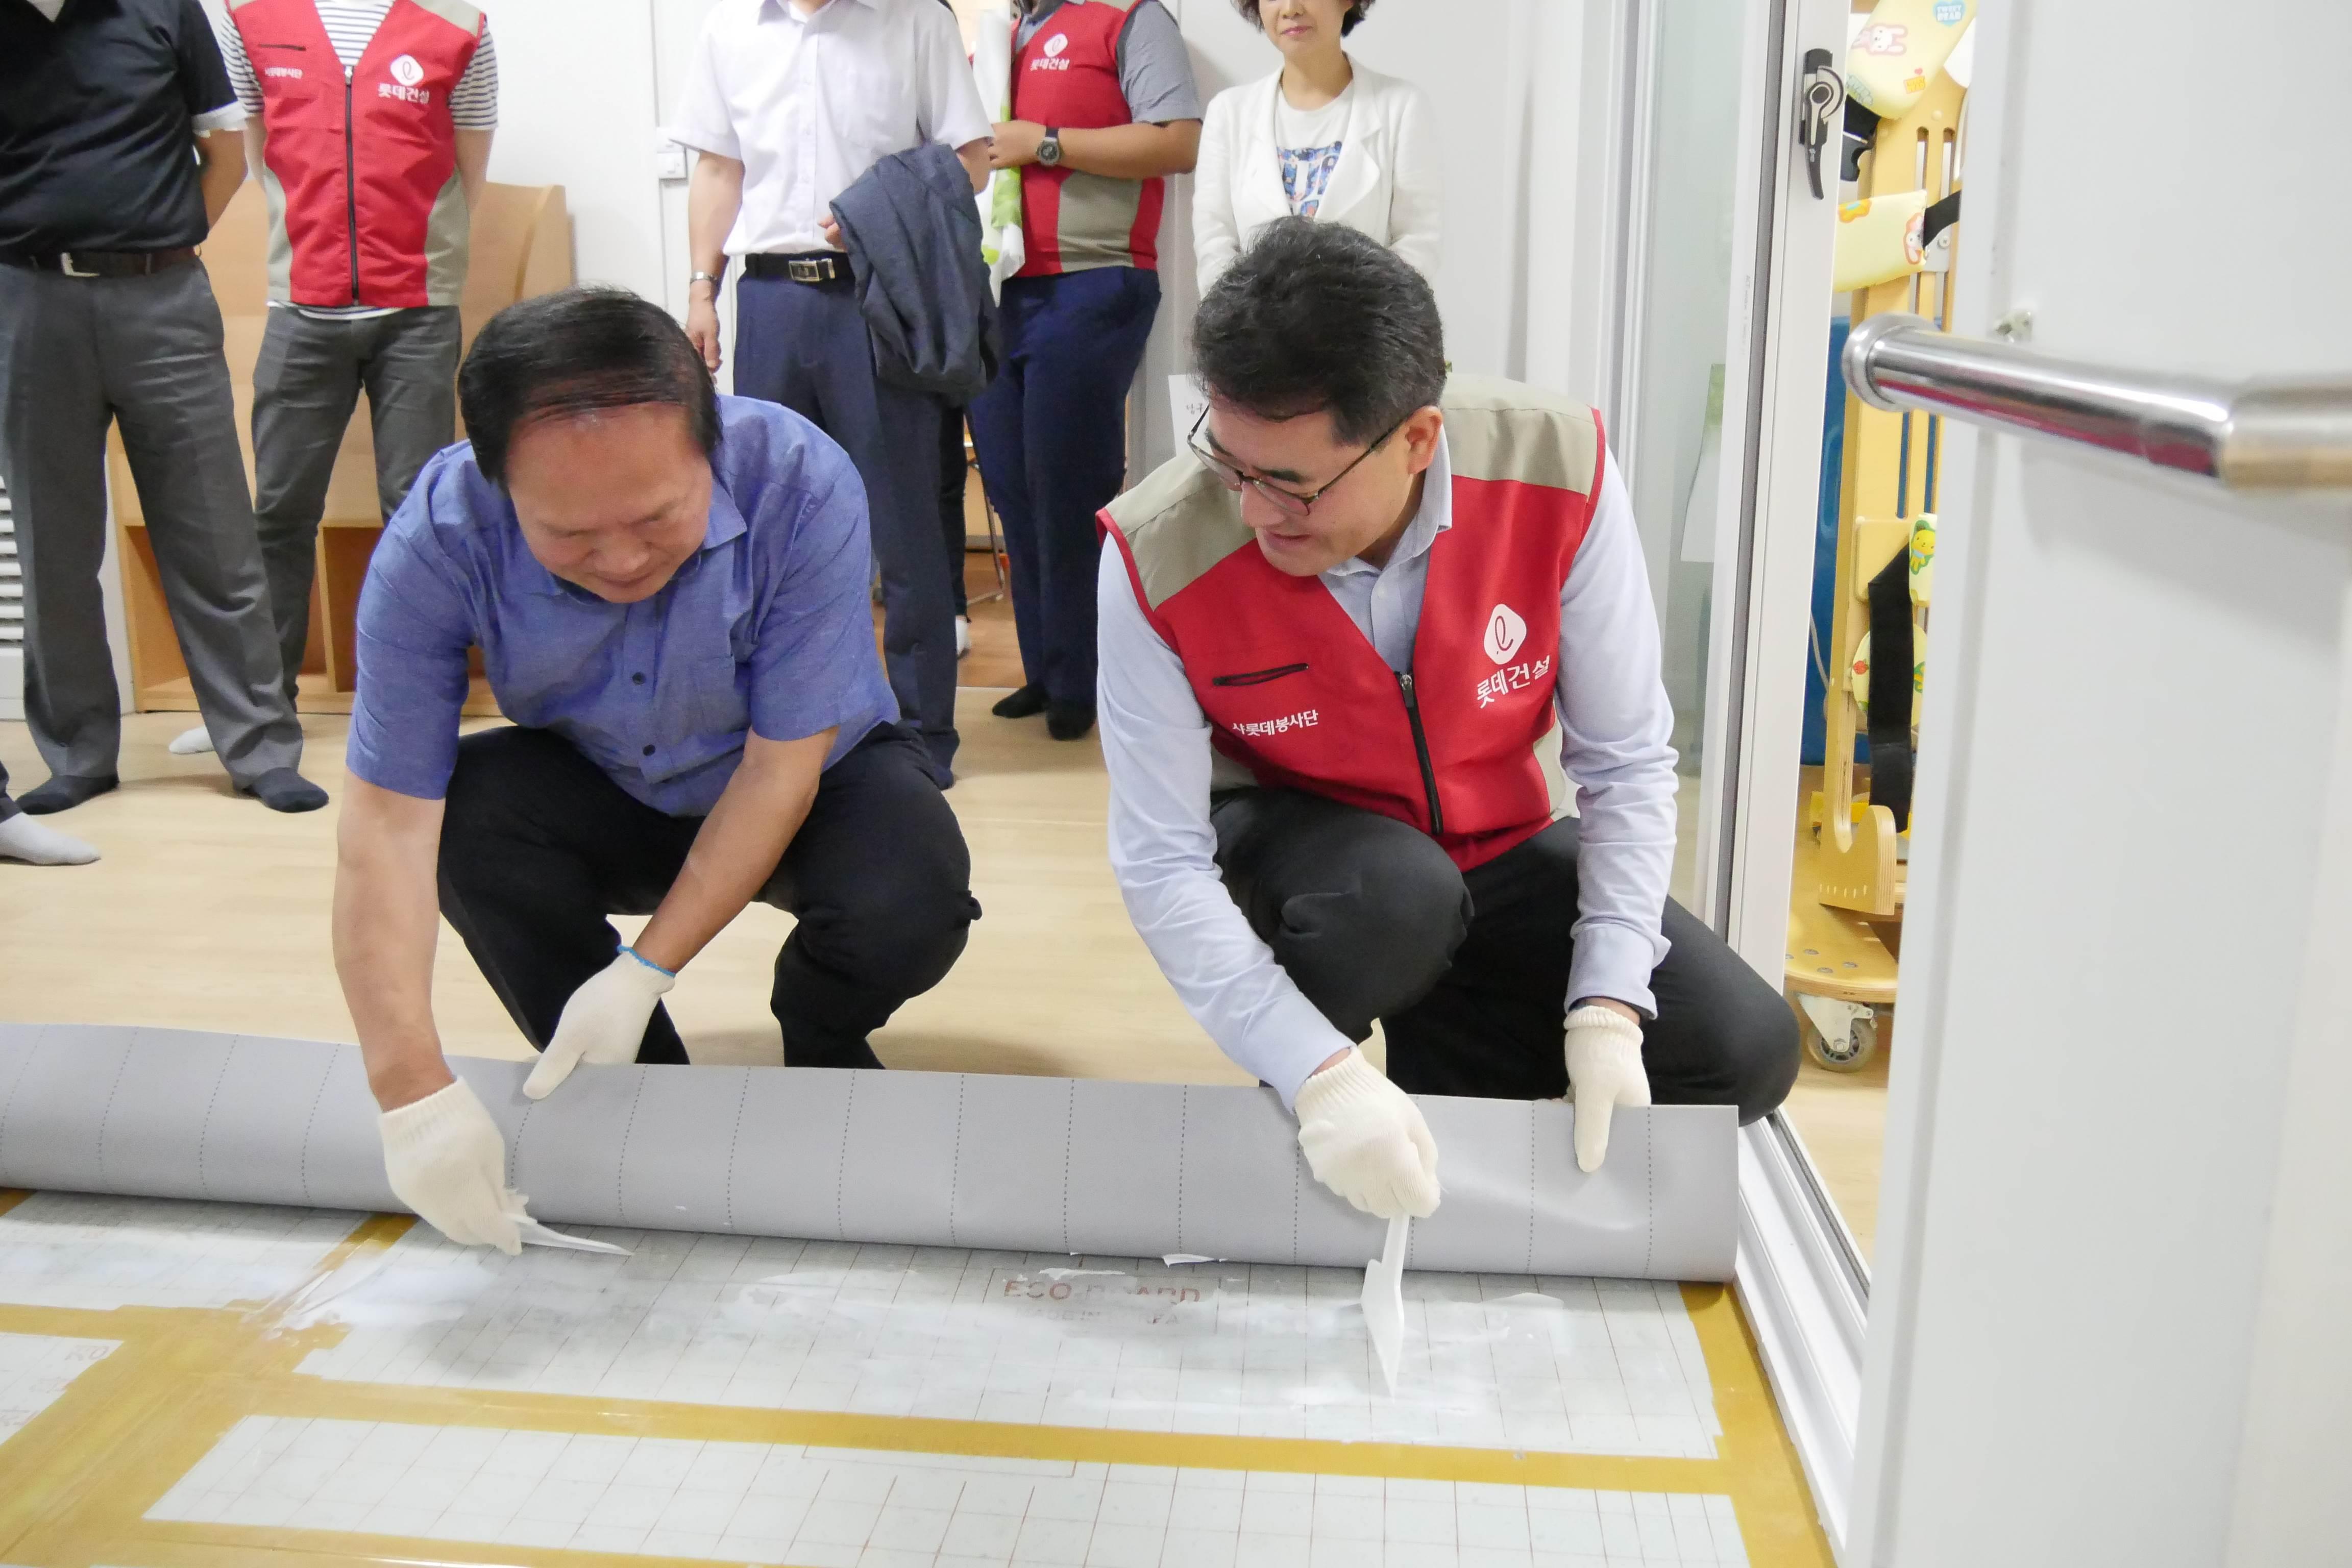 부산 남구 이하재 안전도시국장(왼쪽)과 롯데건설 이부용 전략기획부문장(오른쪽)이 봉사활동을 하고있다.JPG